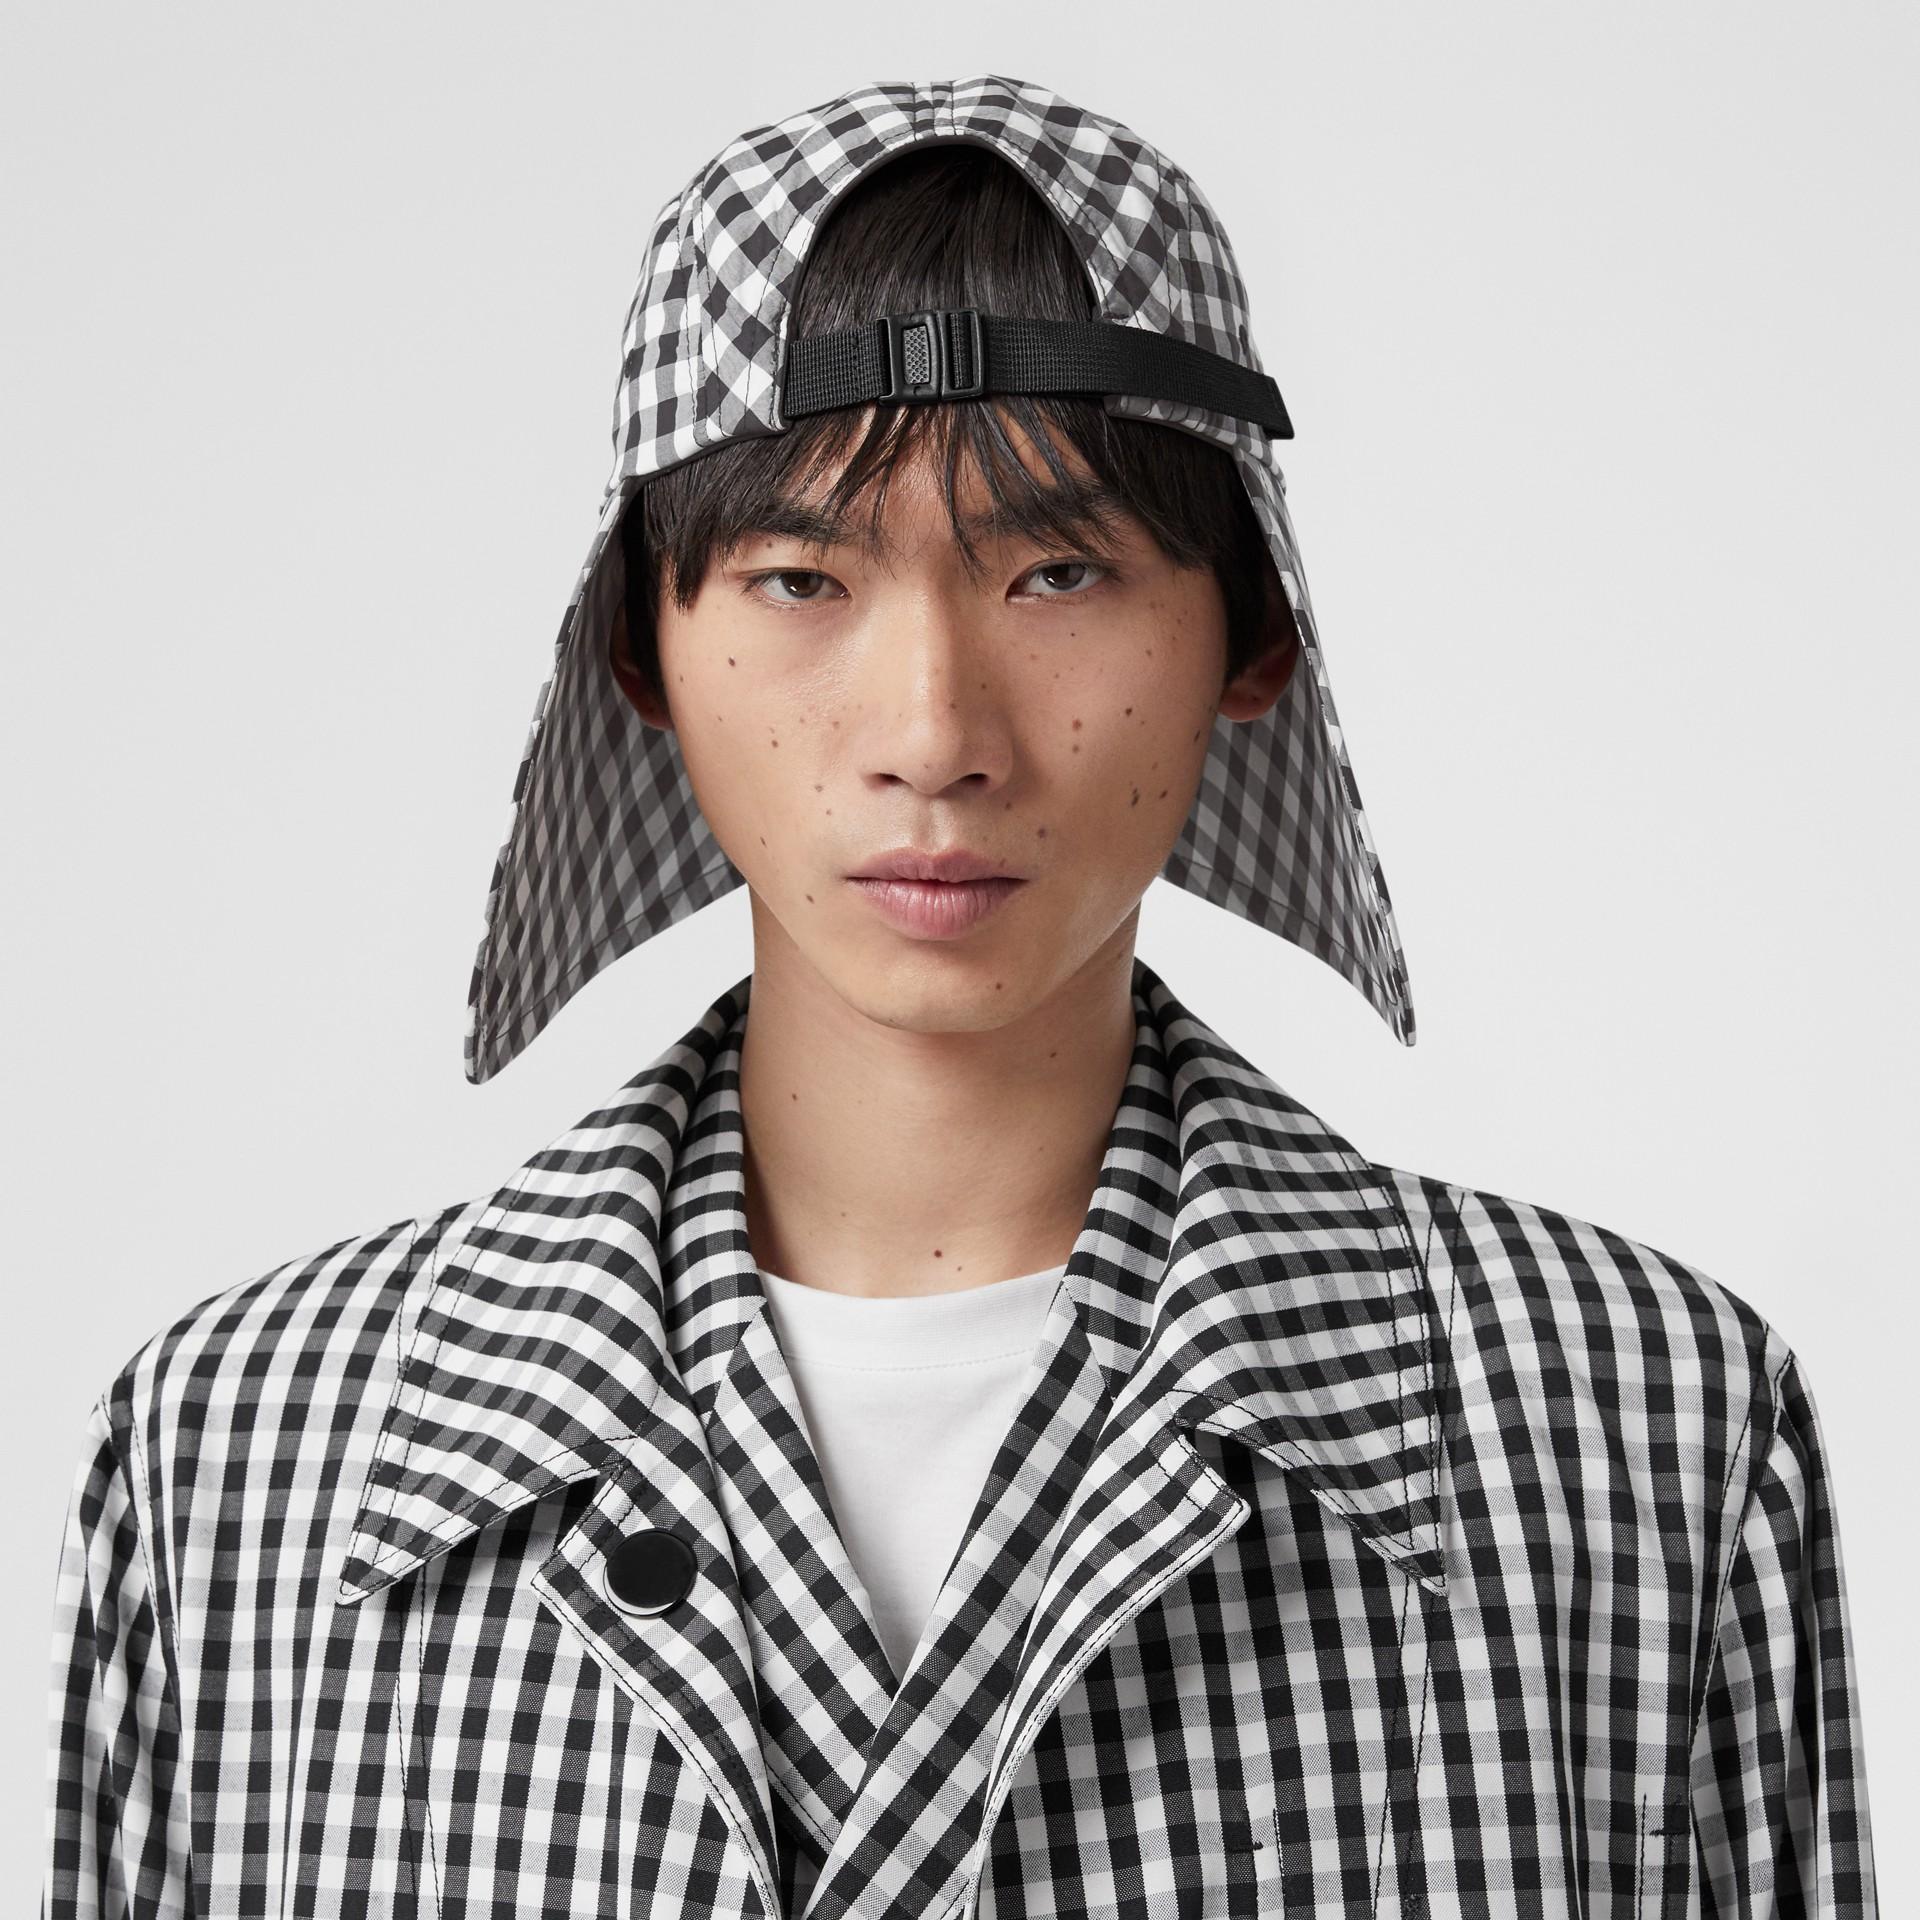 Logo Appliqué Gingham Cotton Bonnet Cap in Black/white | Burberry - gallery image 6